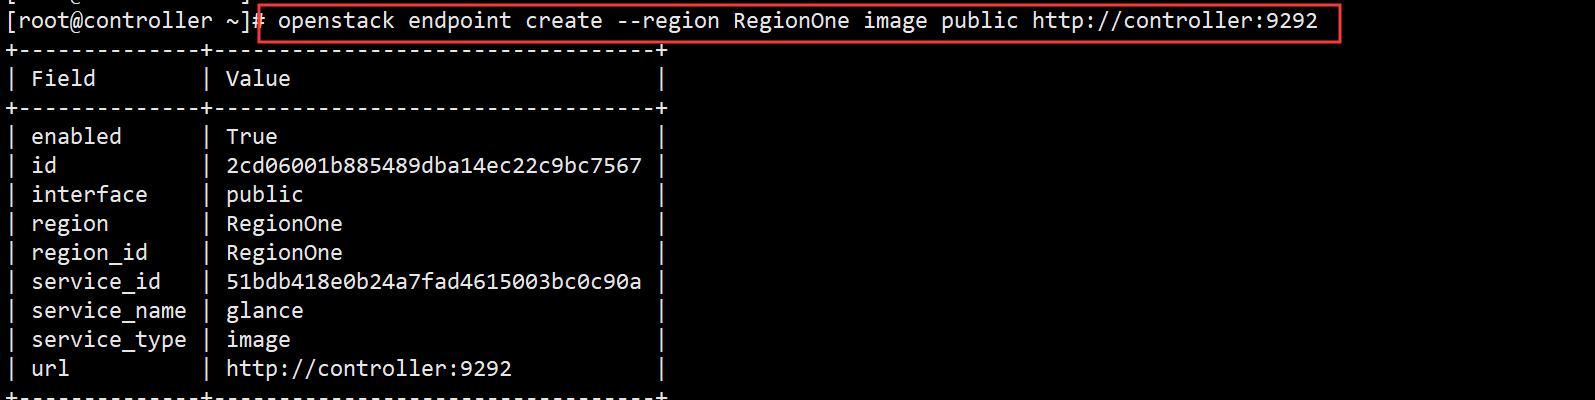 搭建Openstack开源云计算平台插图111